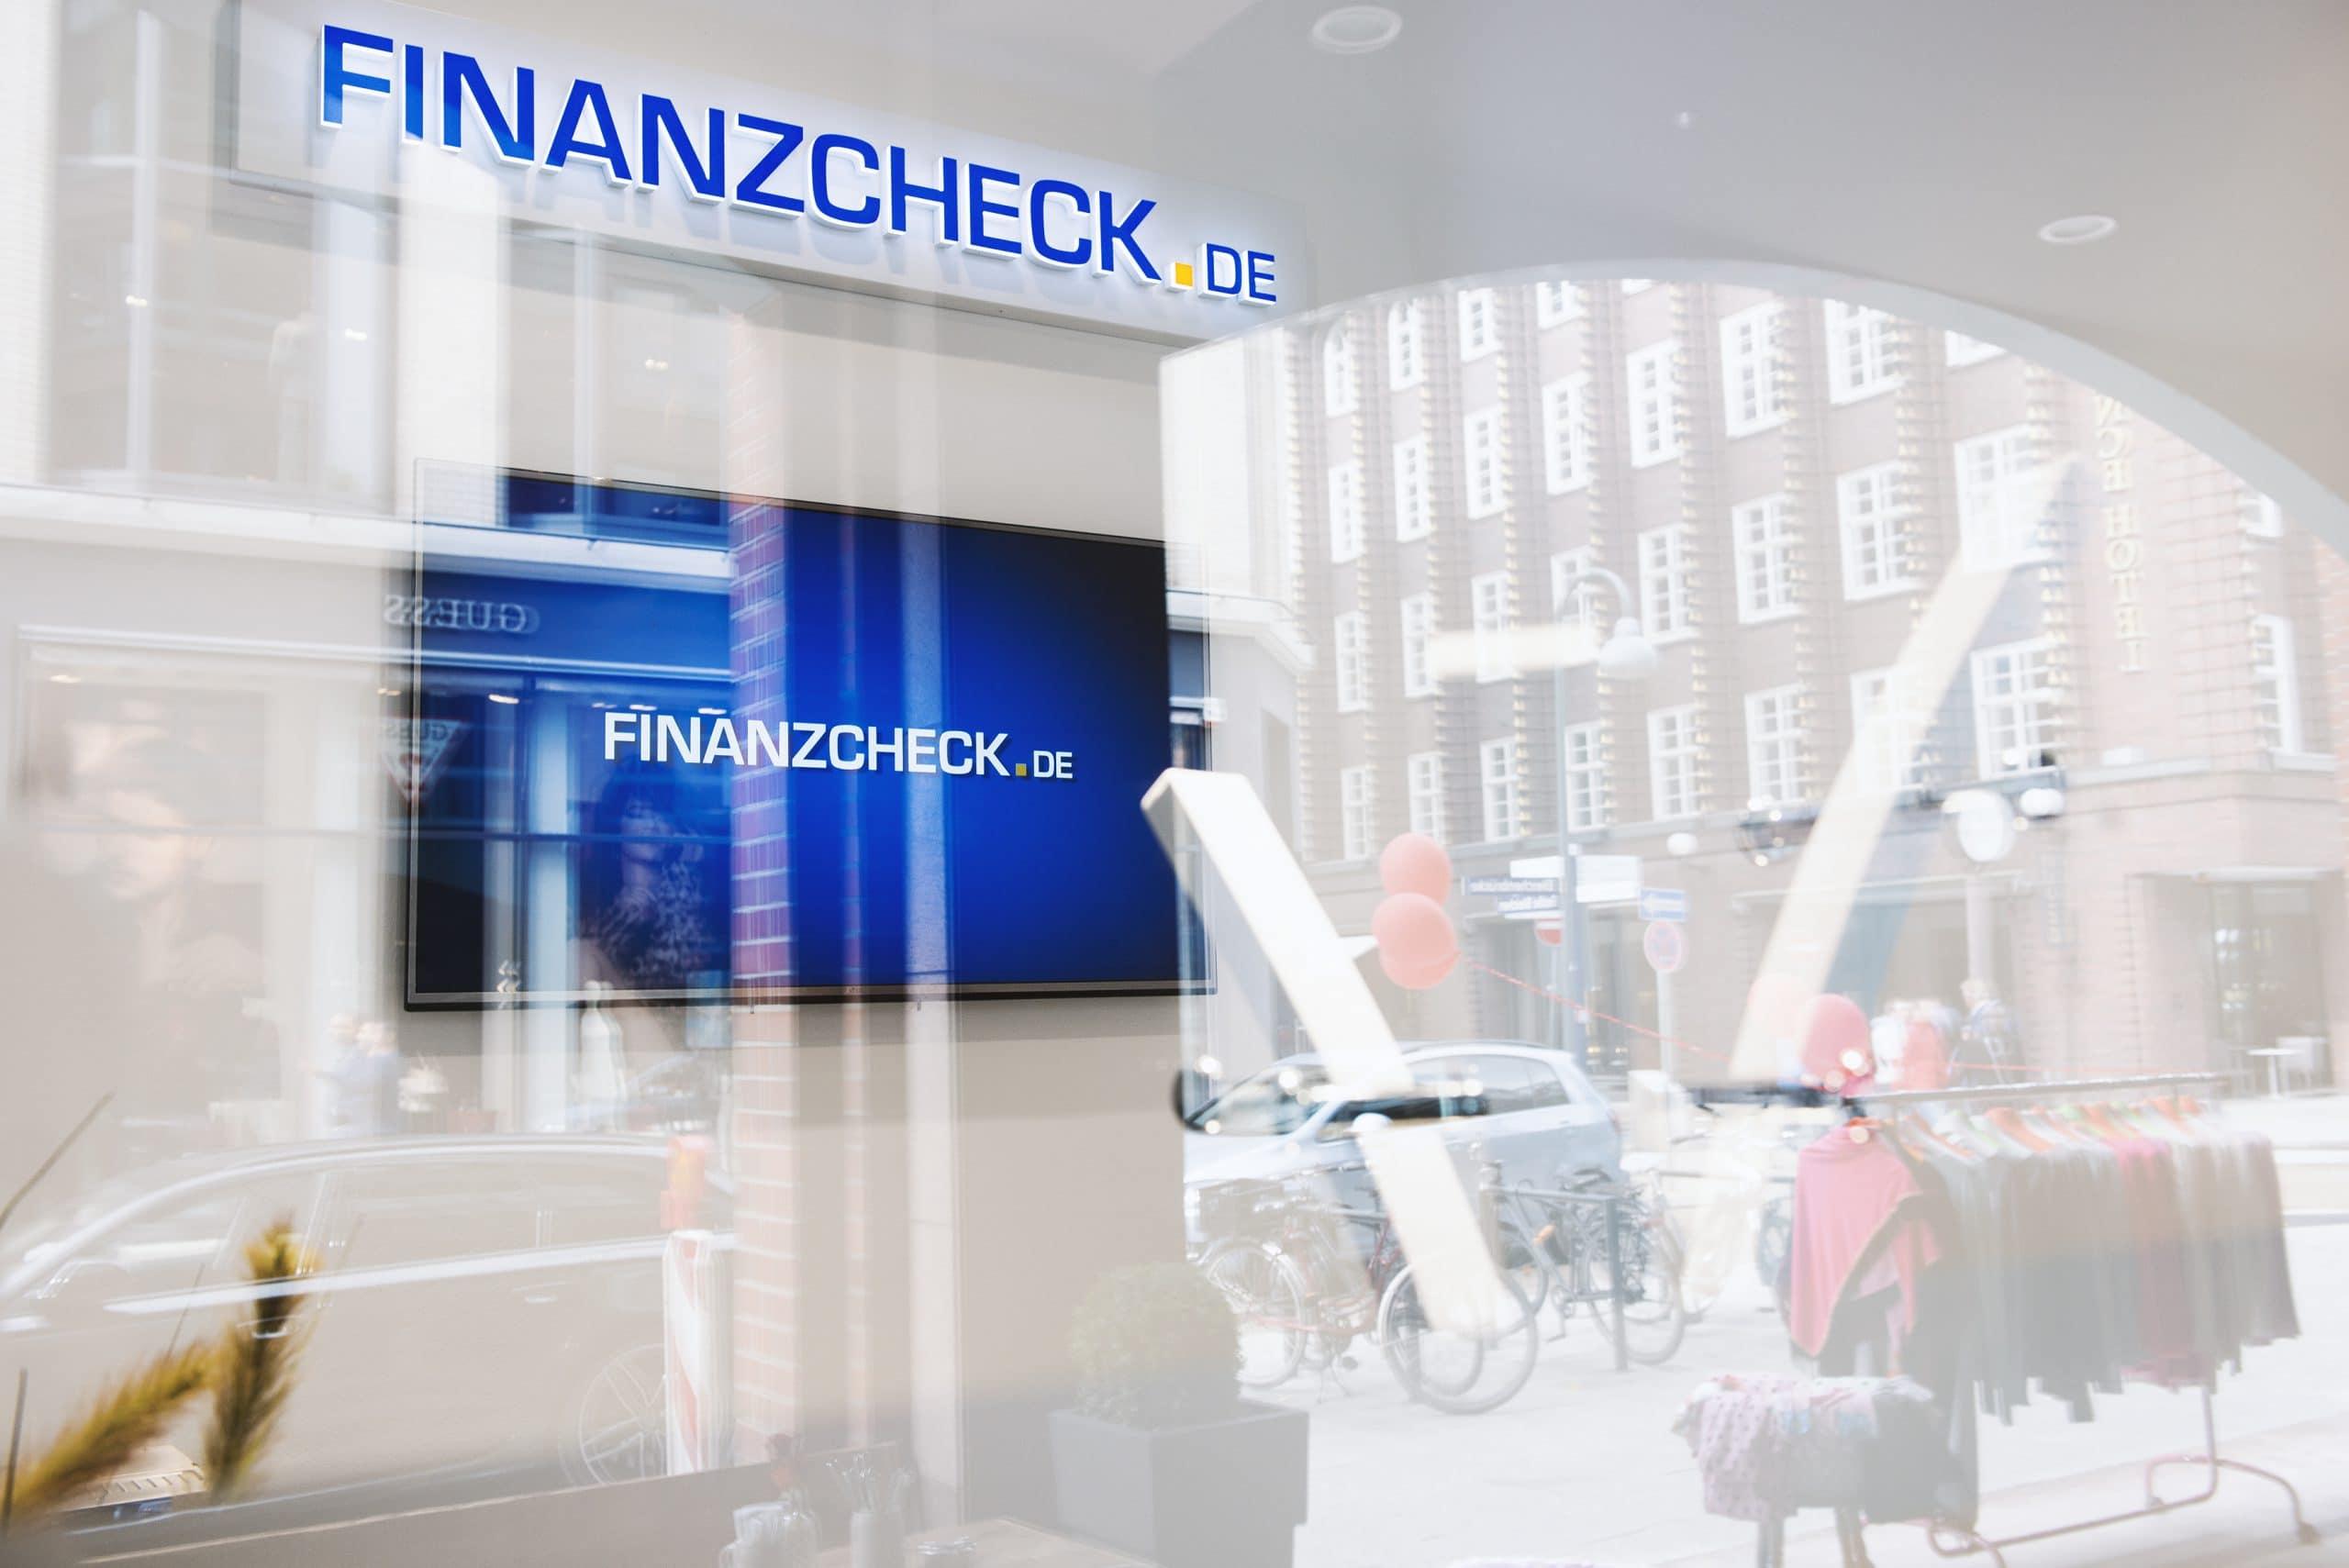 Das Bild zeigt die Außenansicht einer Finanzcheck.de Filiale